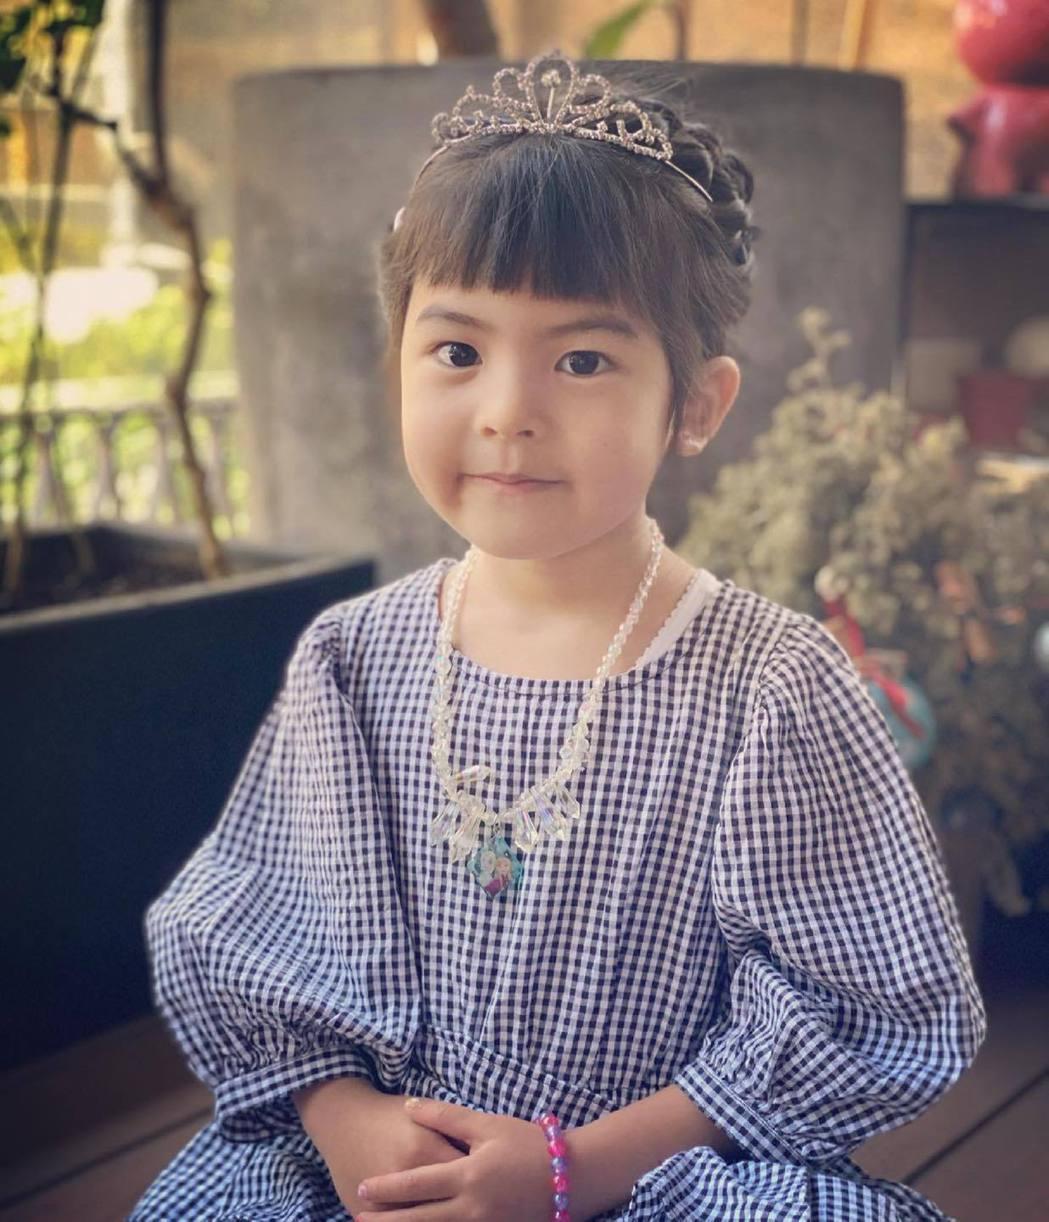 波妞過4歲生日扮成公主。圖/摘自臉書